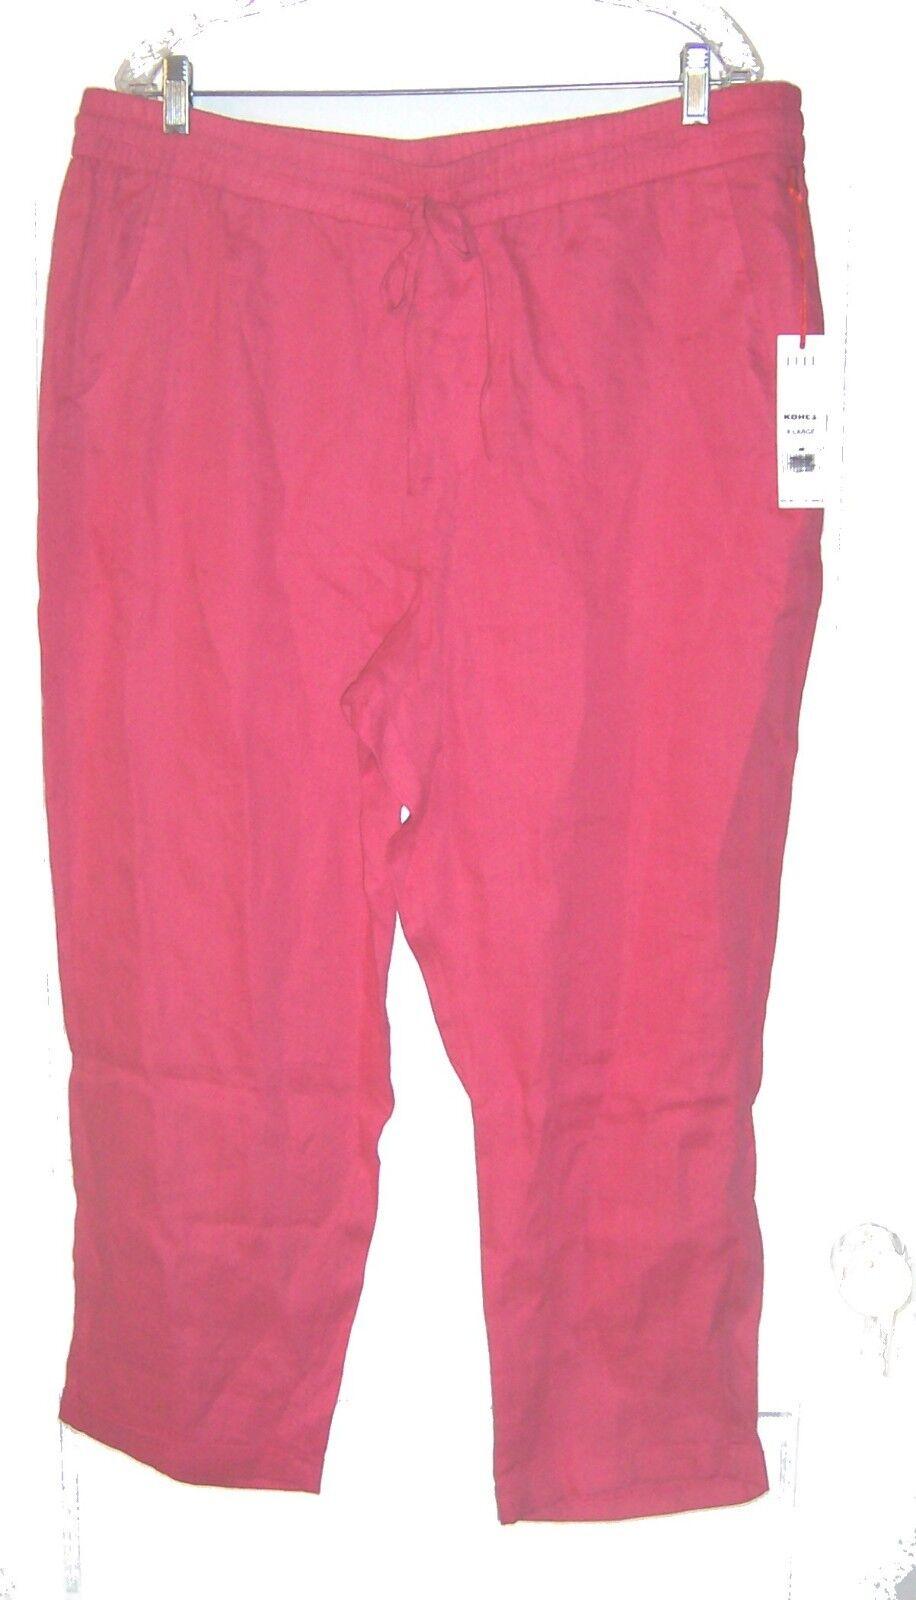 Sz XL - NWT 50 Elle Pink Azalea 100% Linen Capri Pants w Drawstring Waist